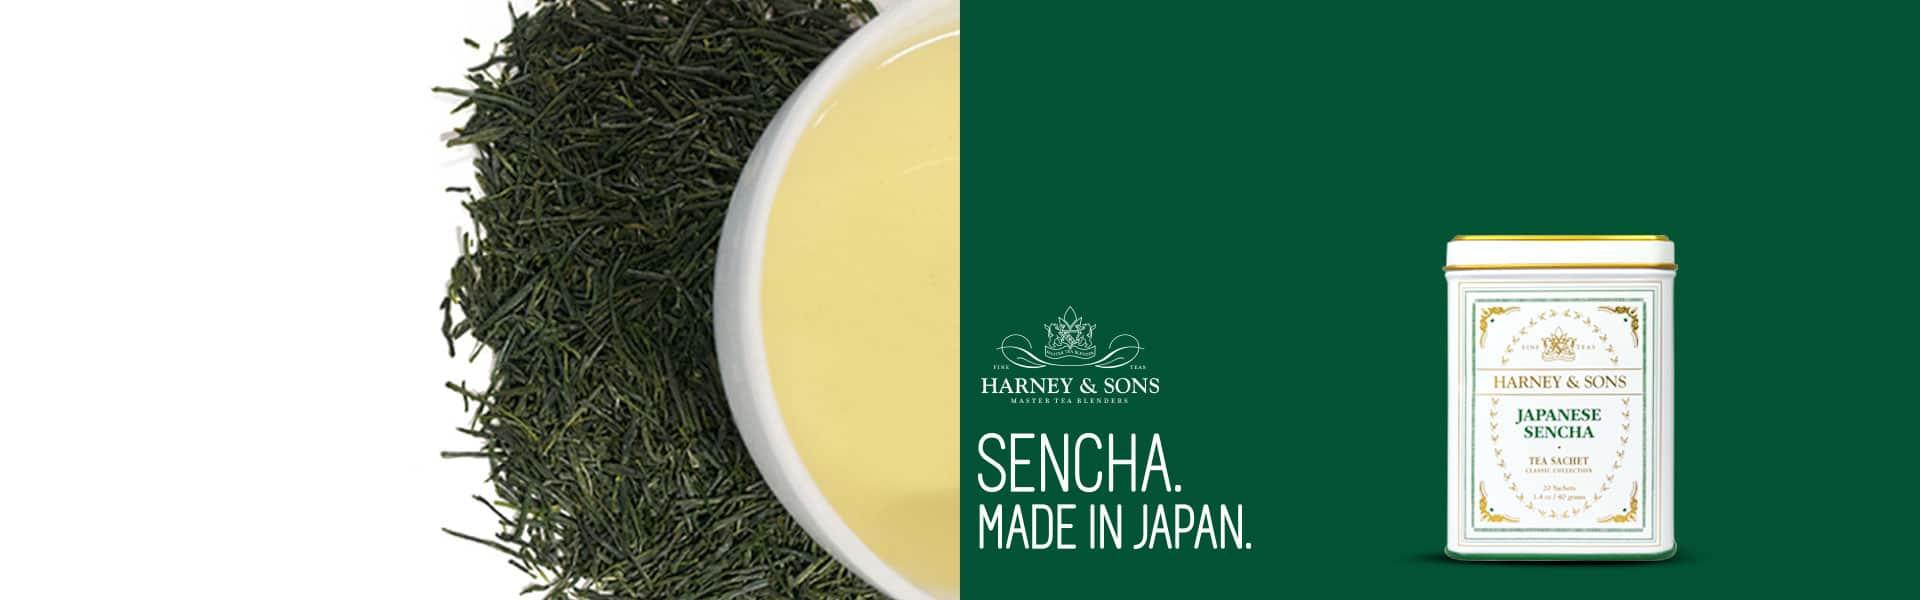 Harney Sencha Classic